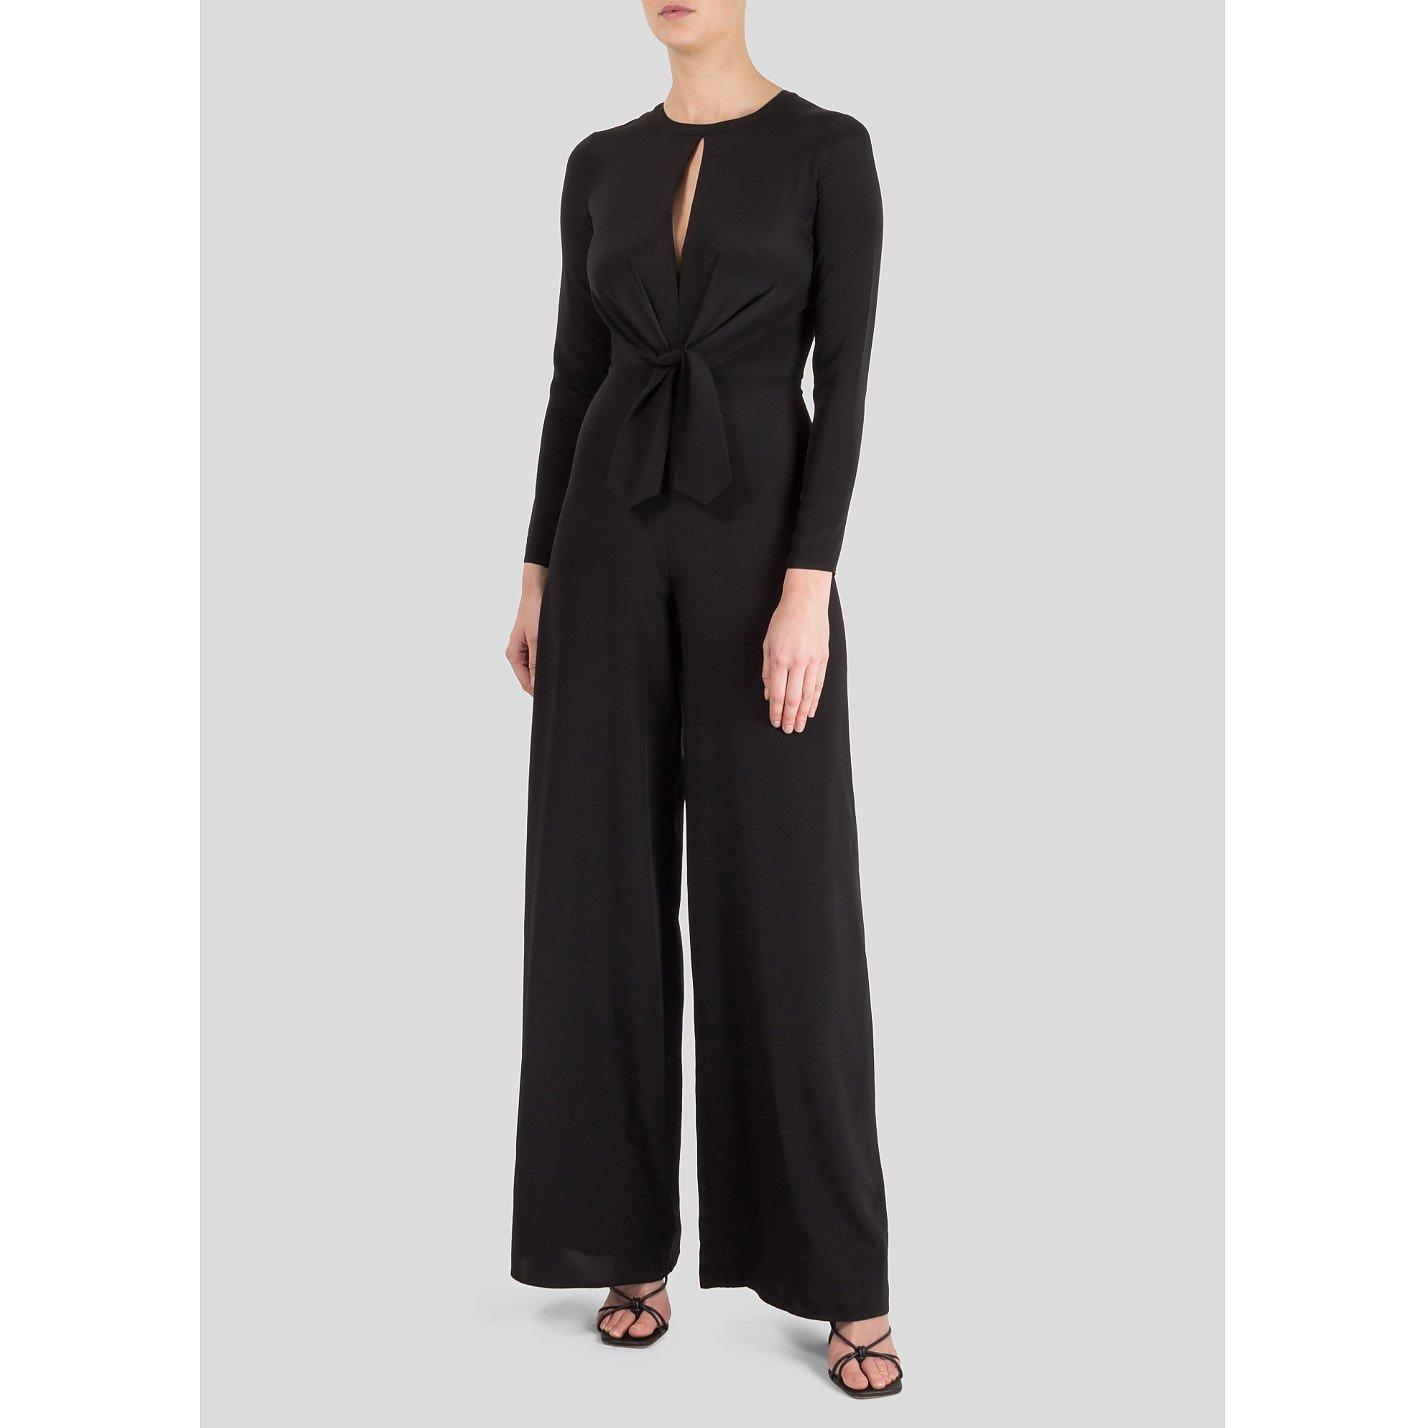 Dhela Wide Leg Jumpsuit With Keyhole Neckline